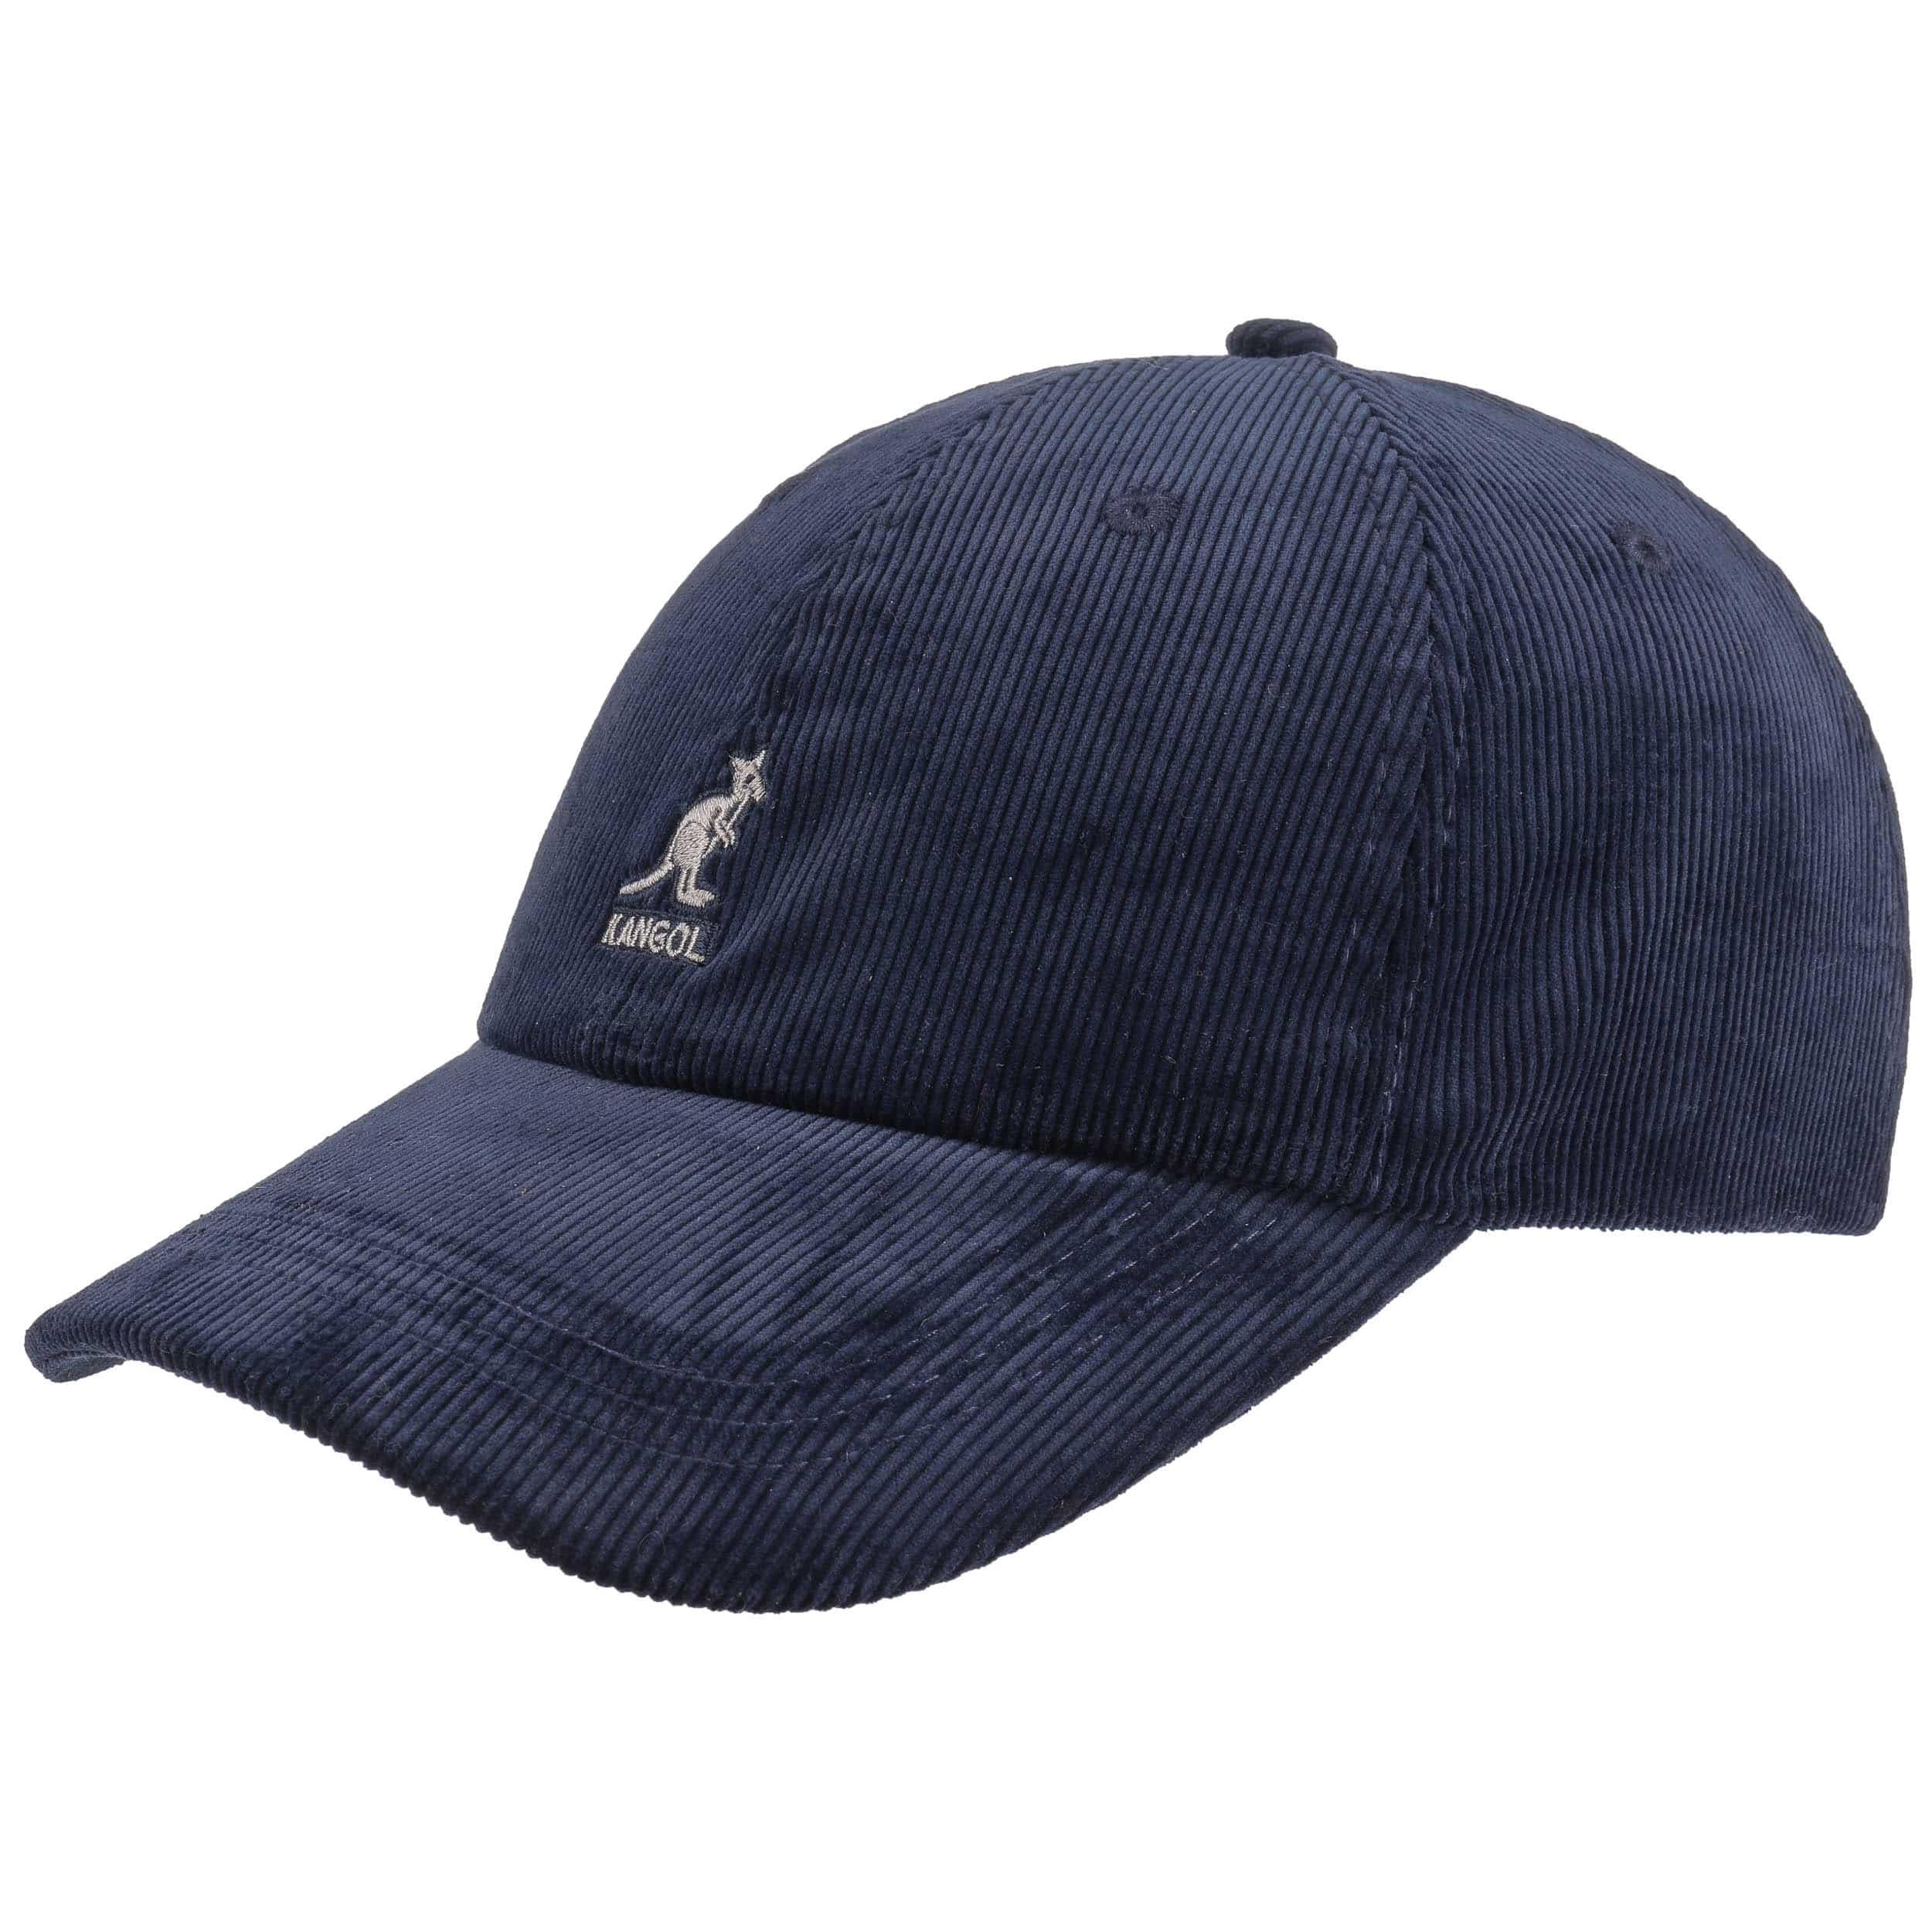 Classic Corduroy Baseball Cap. by Kangol d8b0890bccd